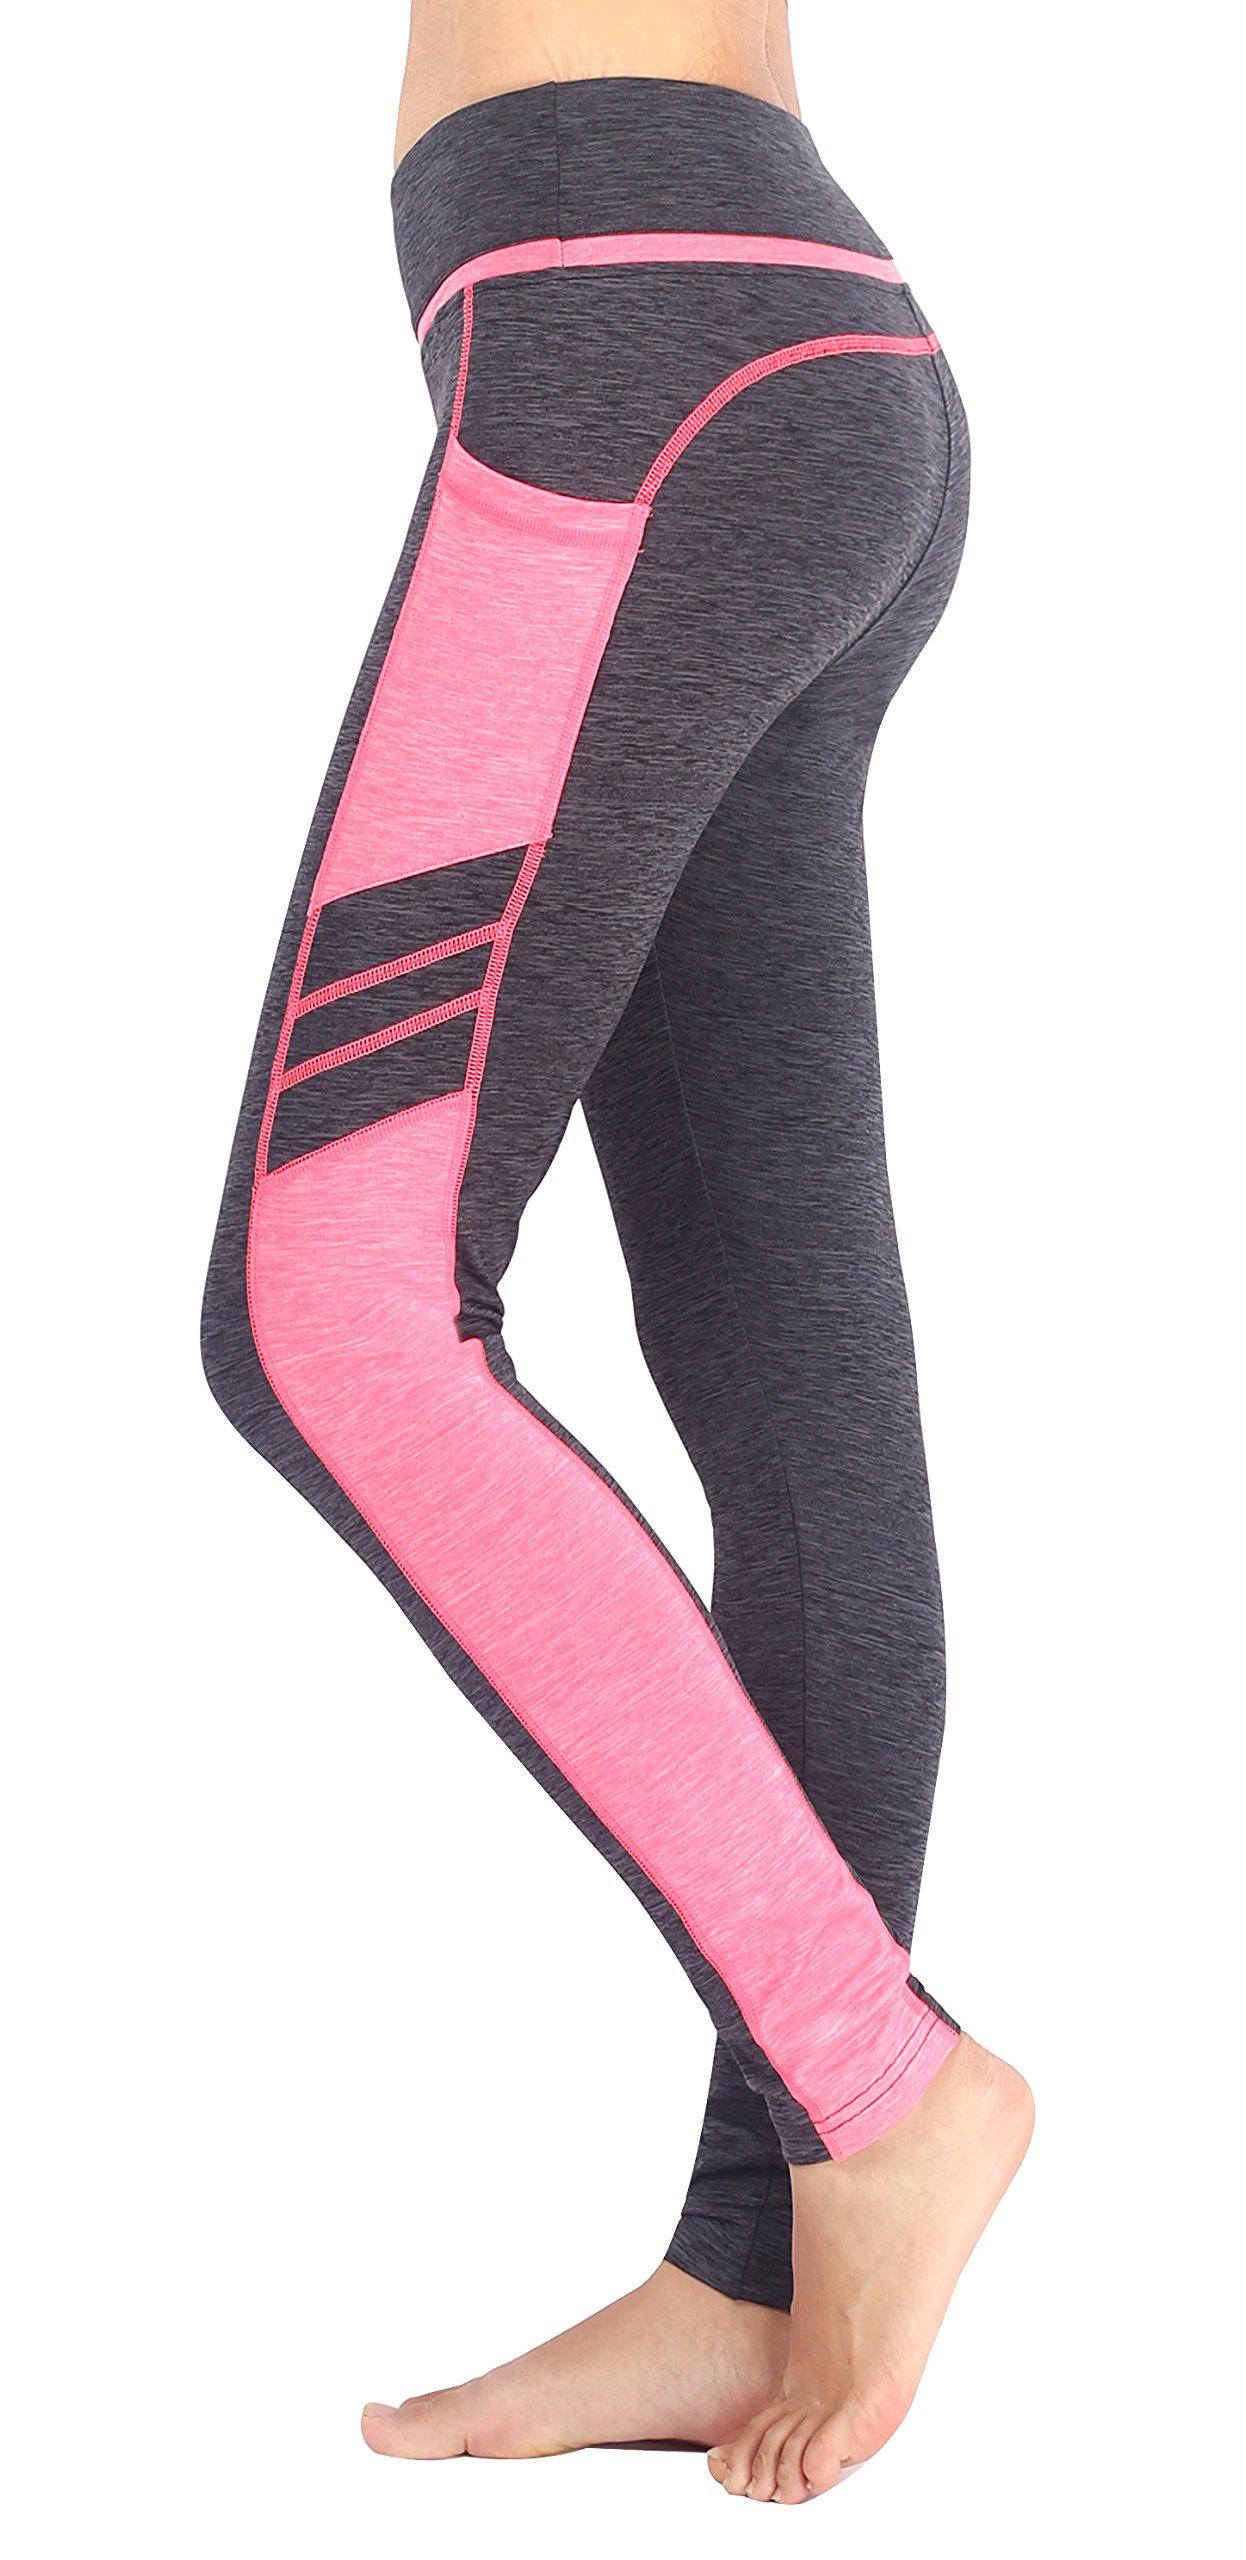 Sugar Pocket Women's Workout Leggings Running Tights Yoga Pants S (Light Grey/Pink)